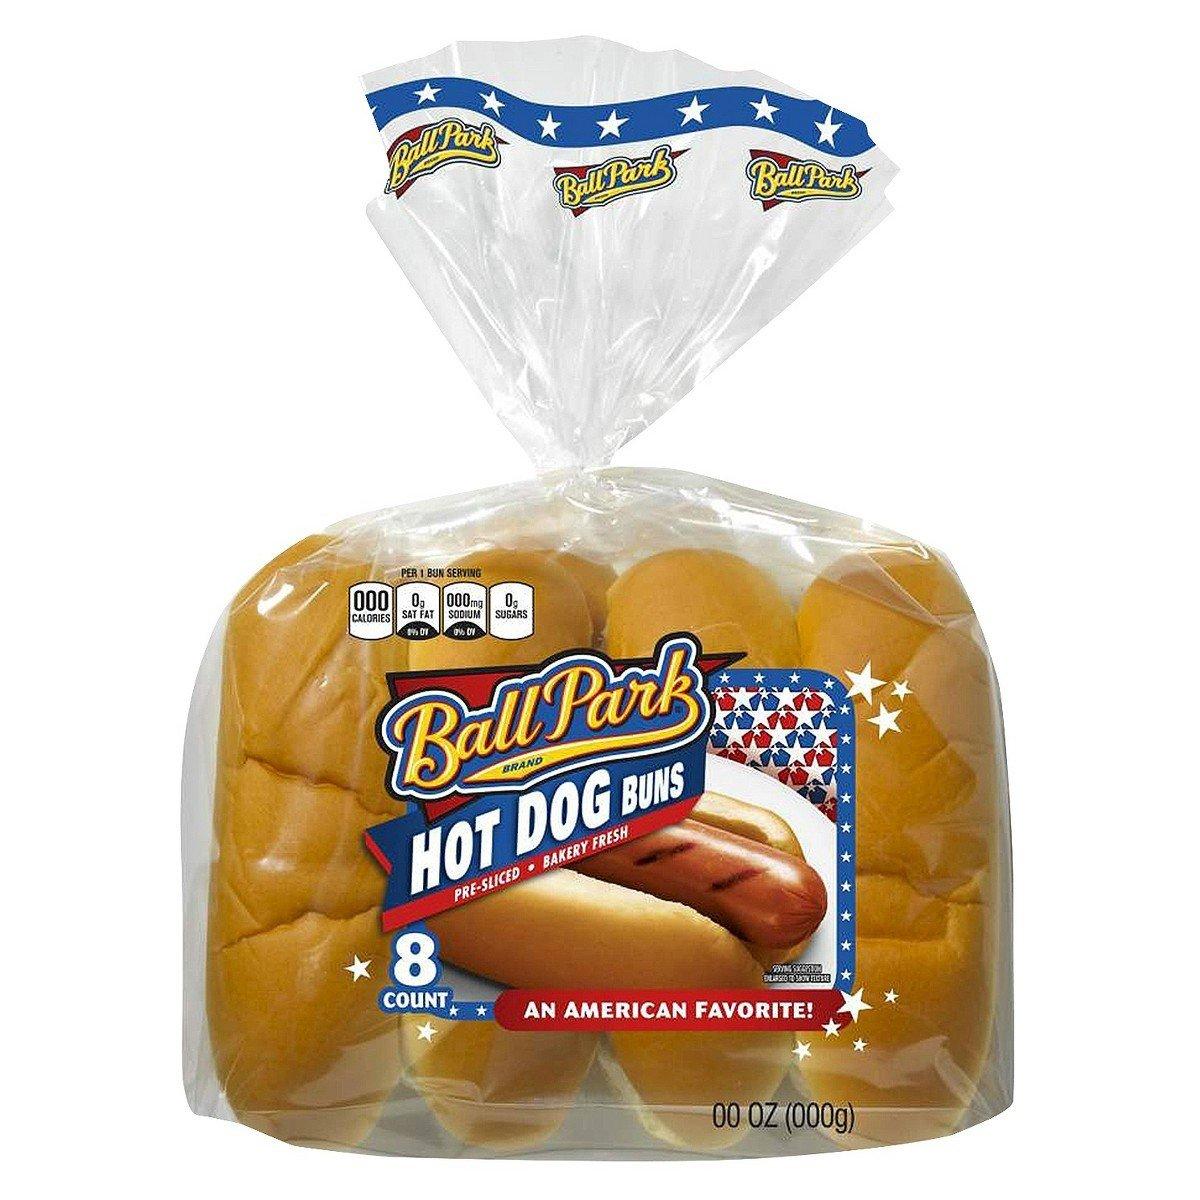 Ball Park Hot Dog Buns 8 Ct Amazon Com Grocery Gourmet Food